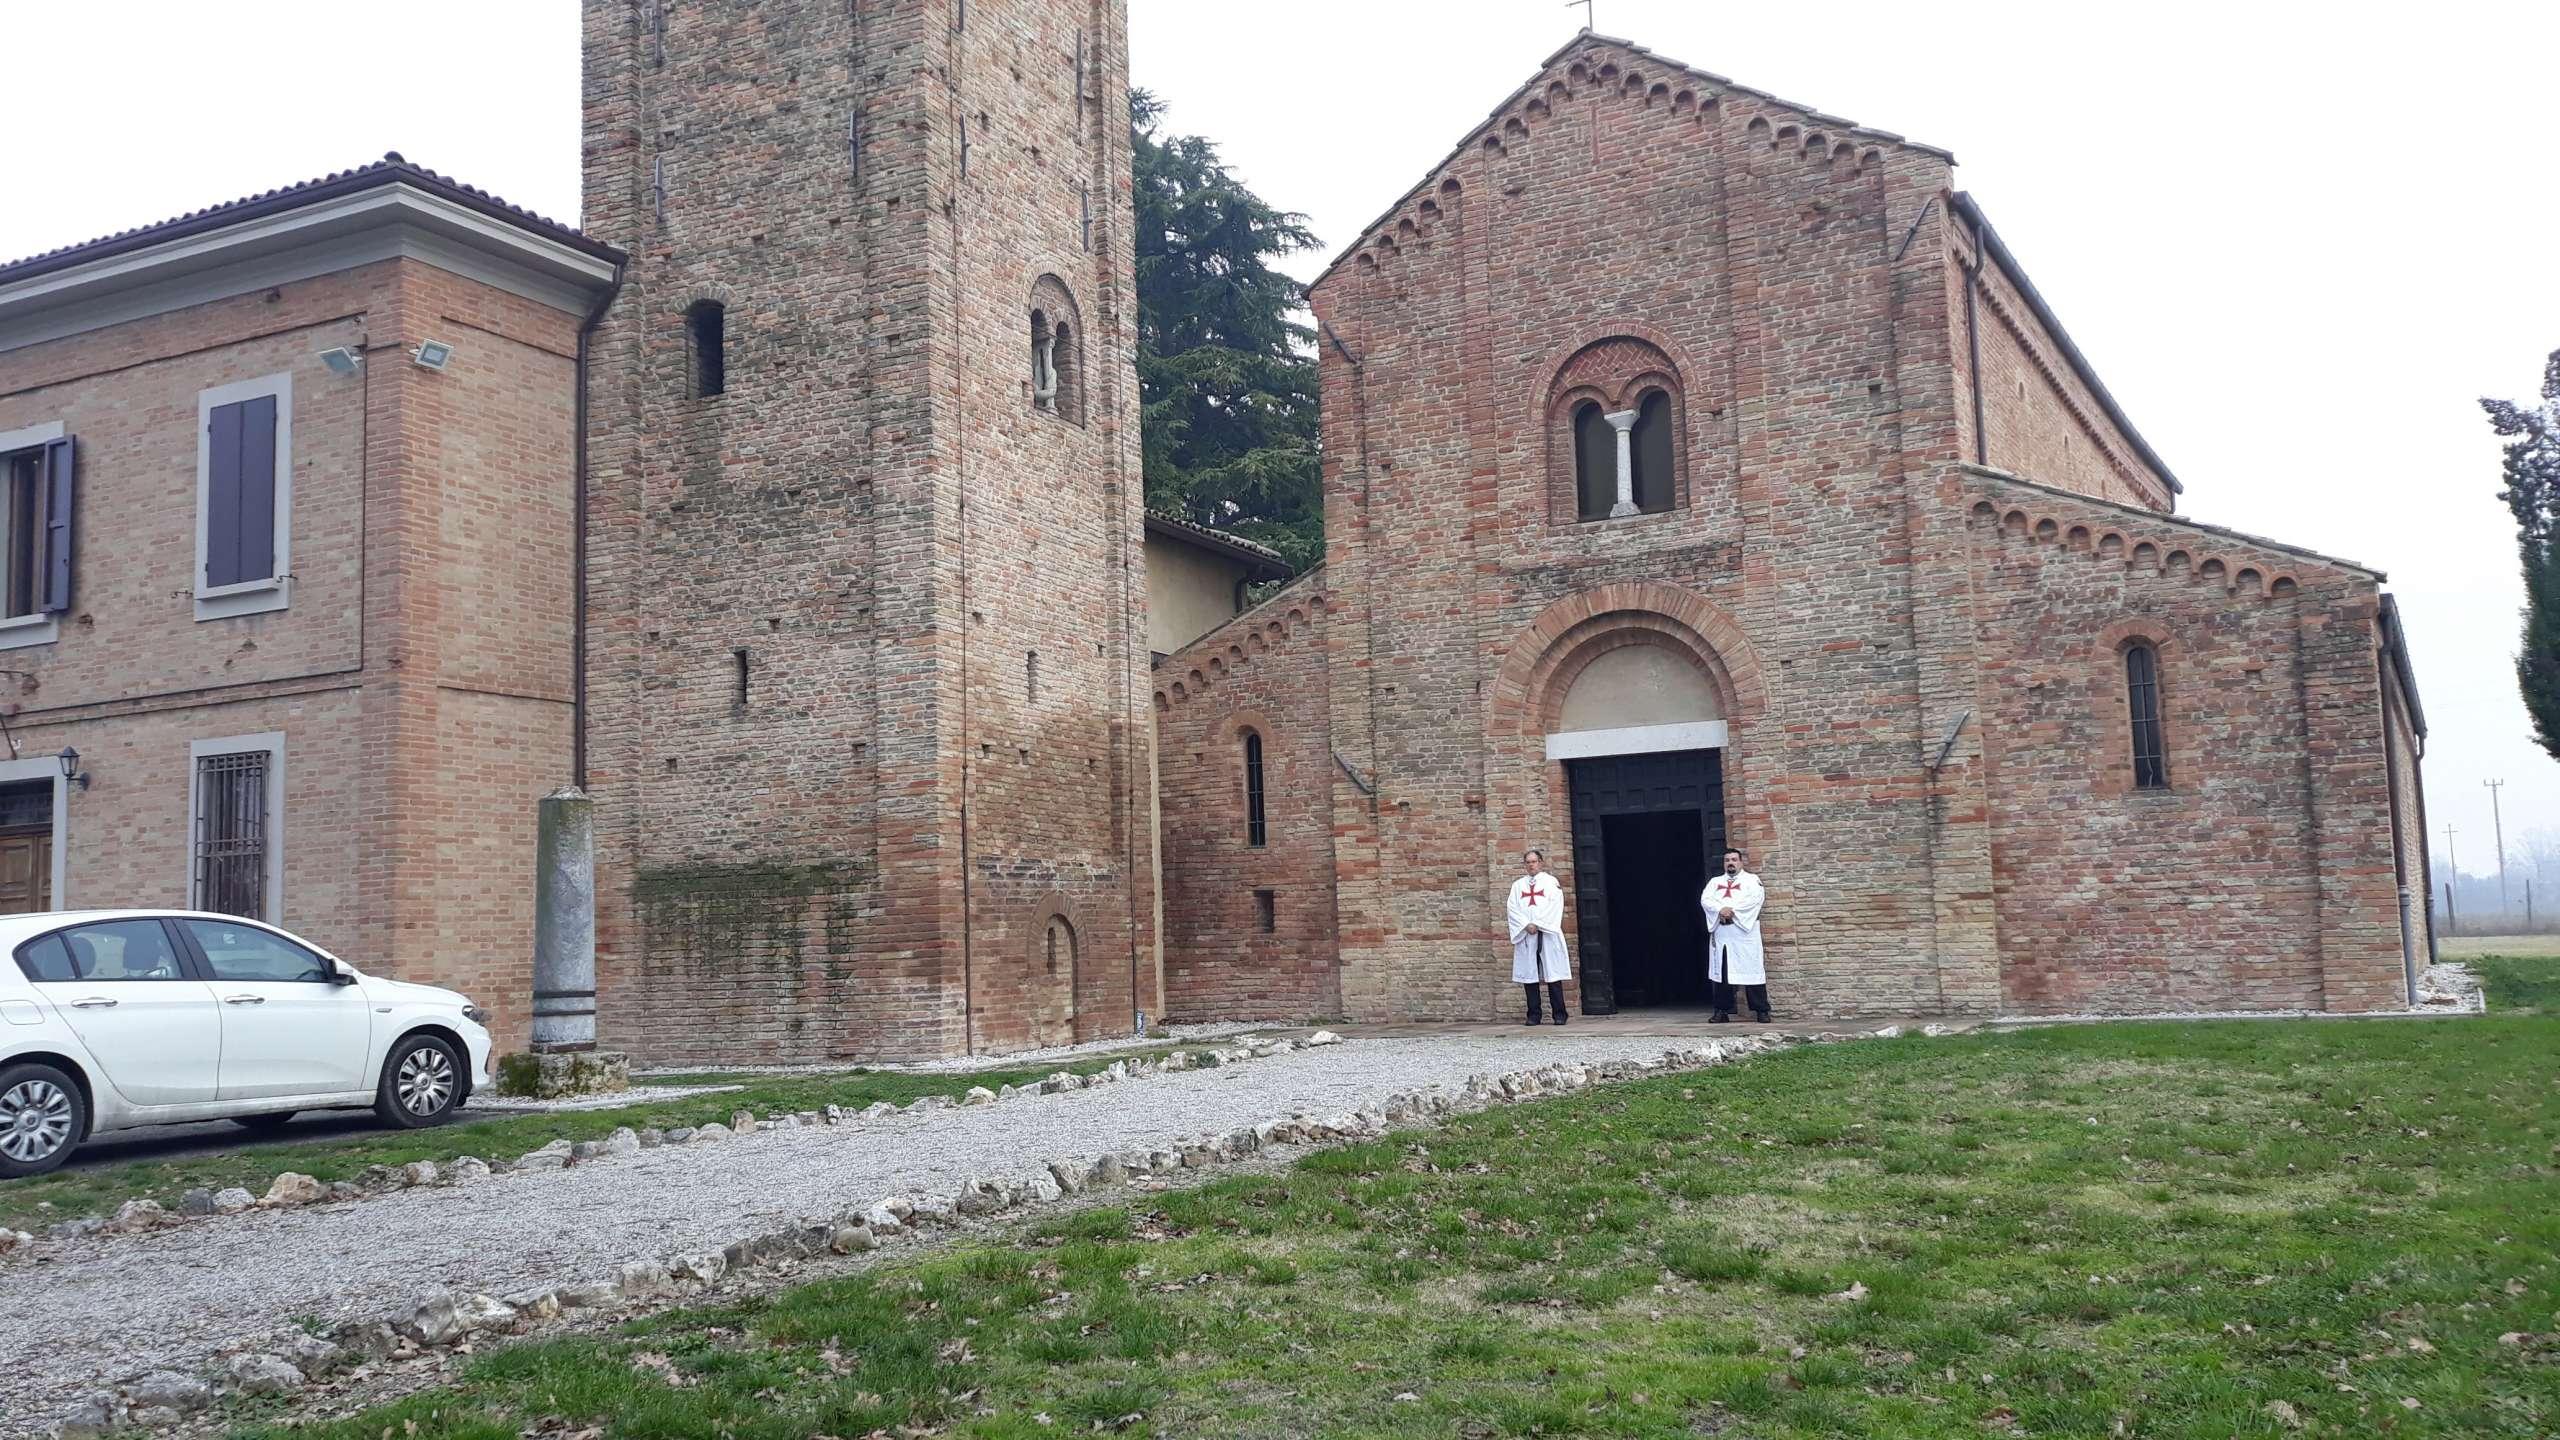 Custodia – Pieve di Santa Maria in acquedotto – Forlì 02.02.2020